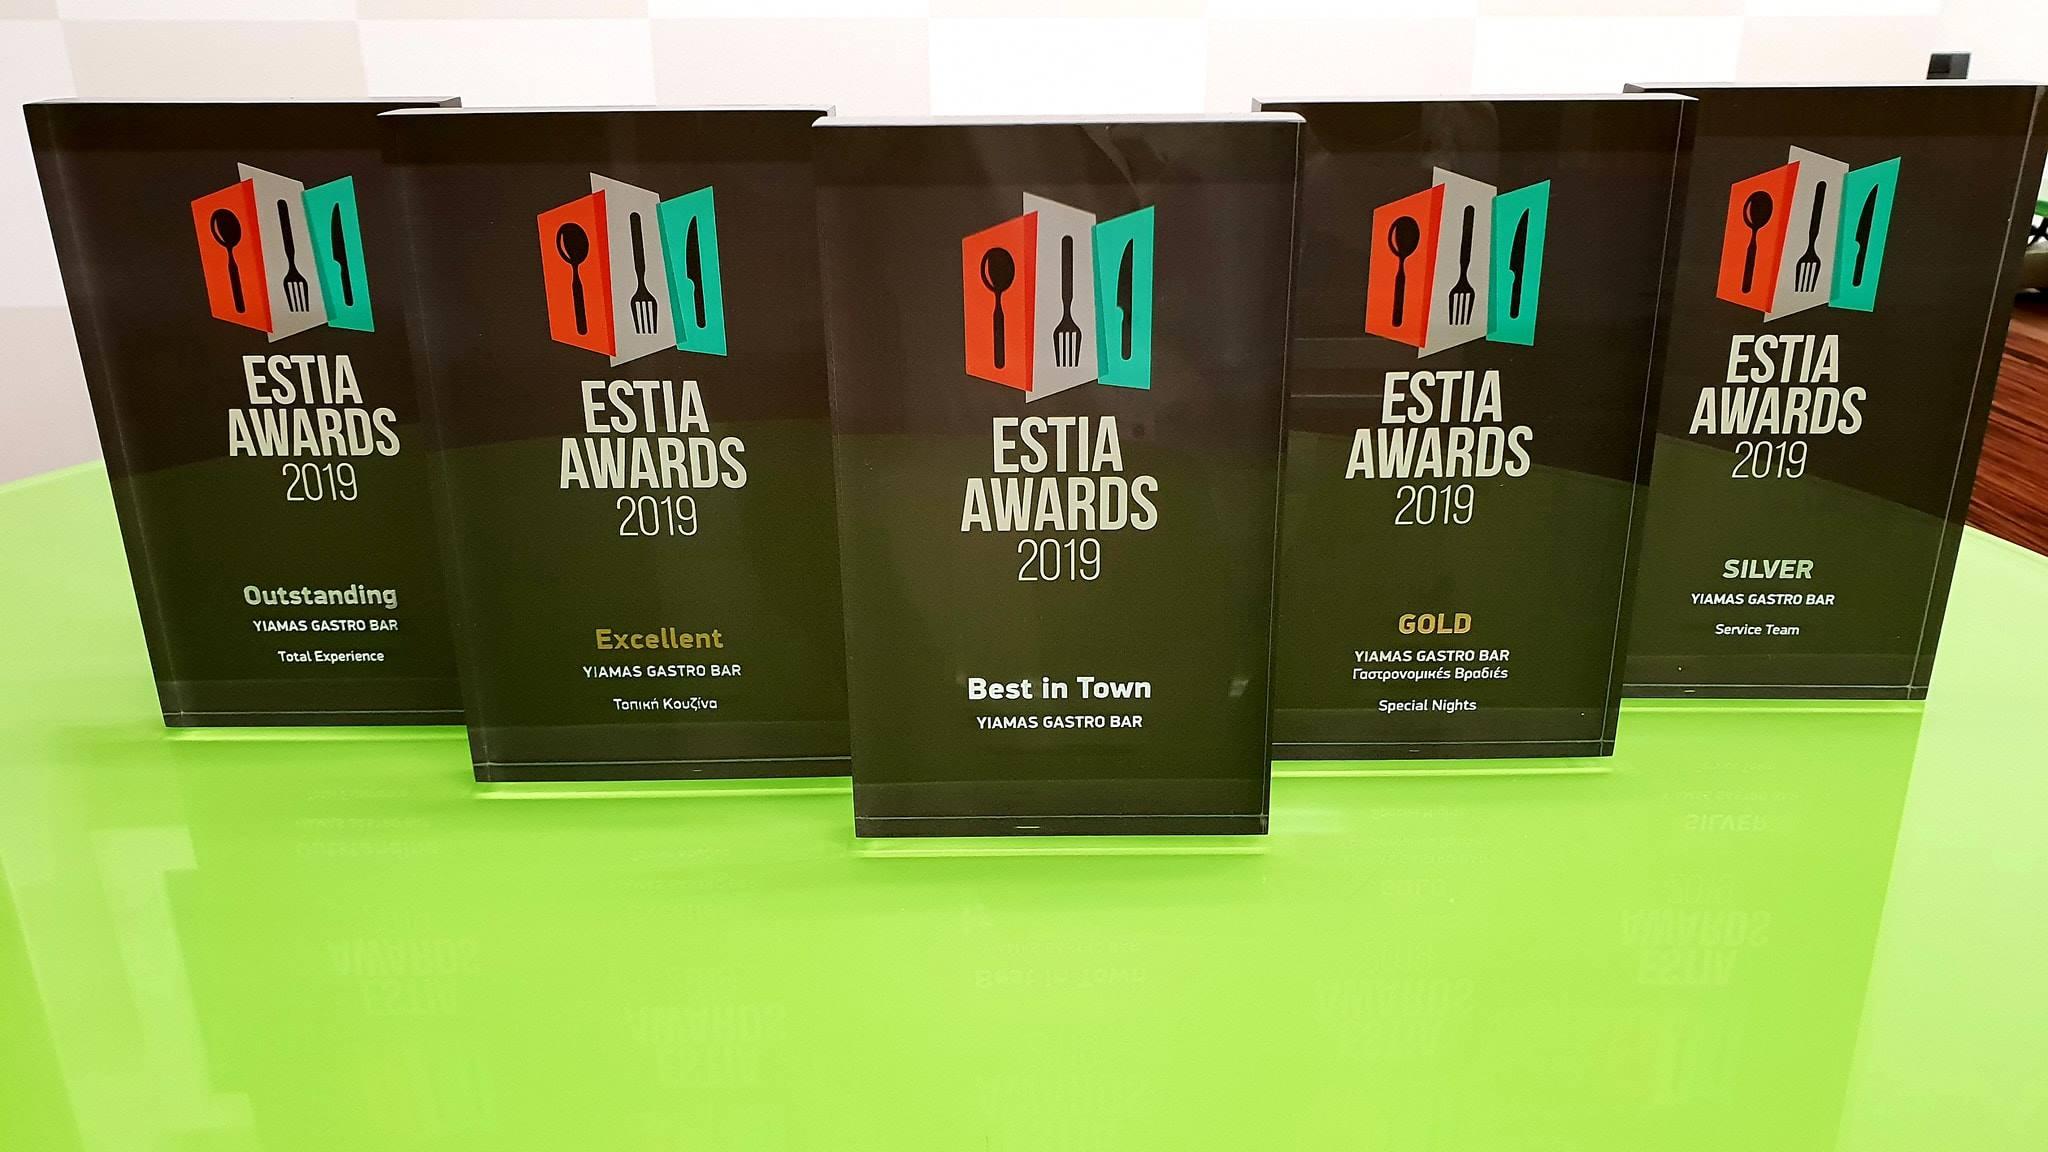 Yiamas Gastro Bar - Restaurant Kalamata - Estia Awards 2019